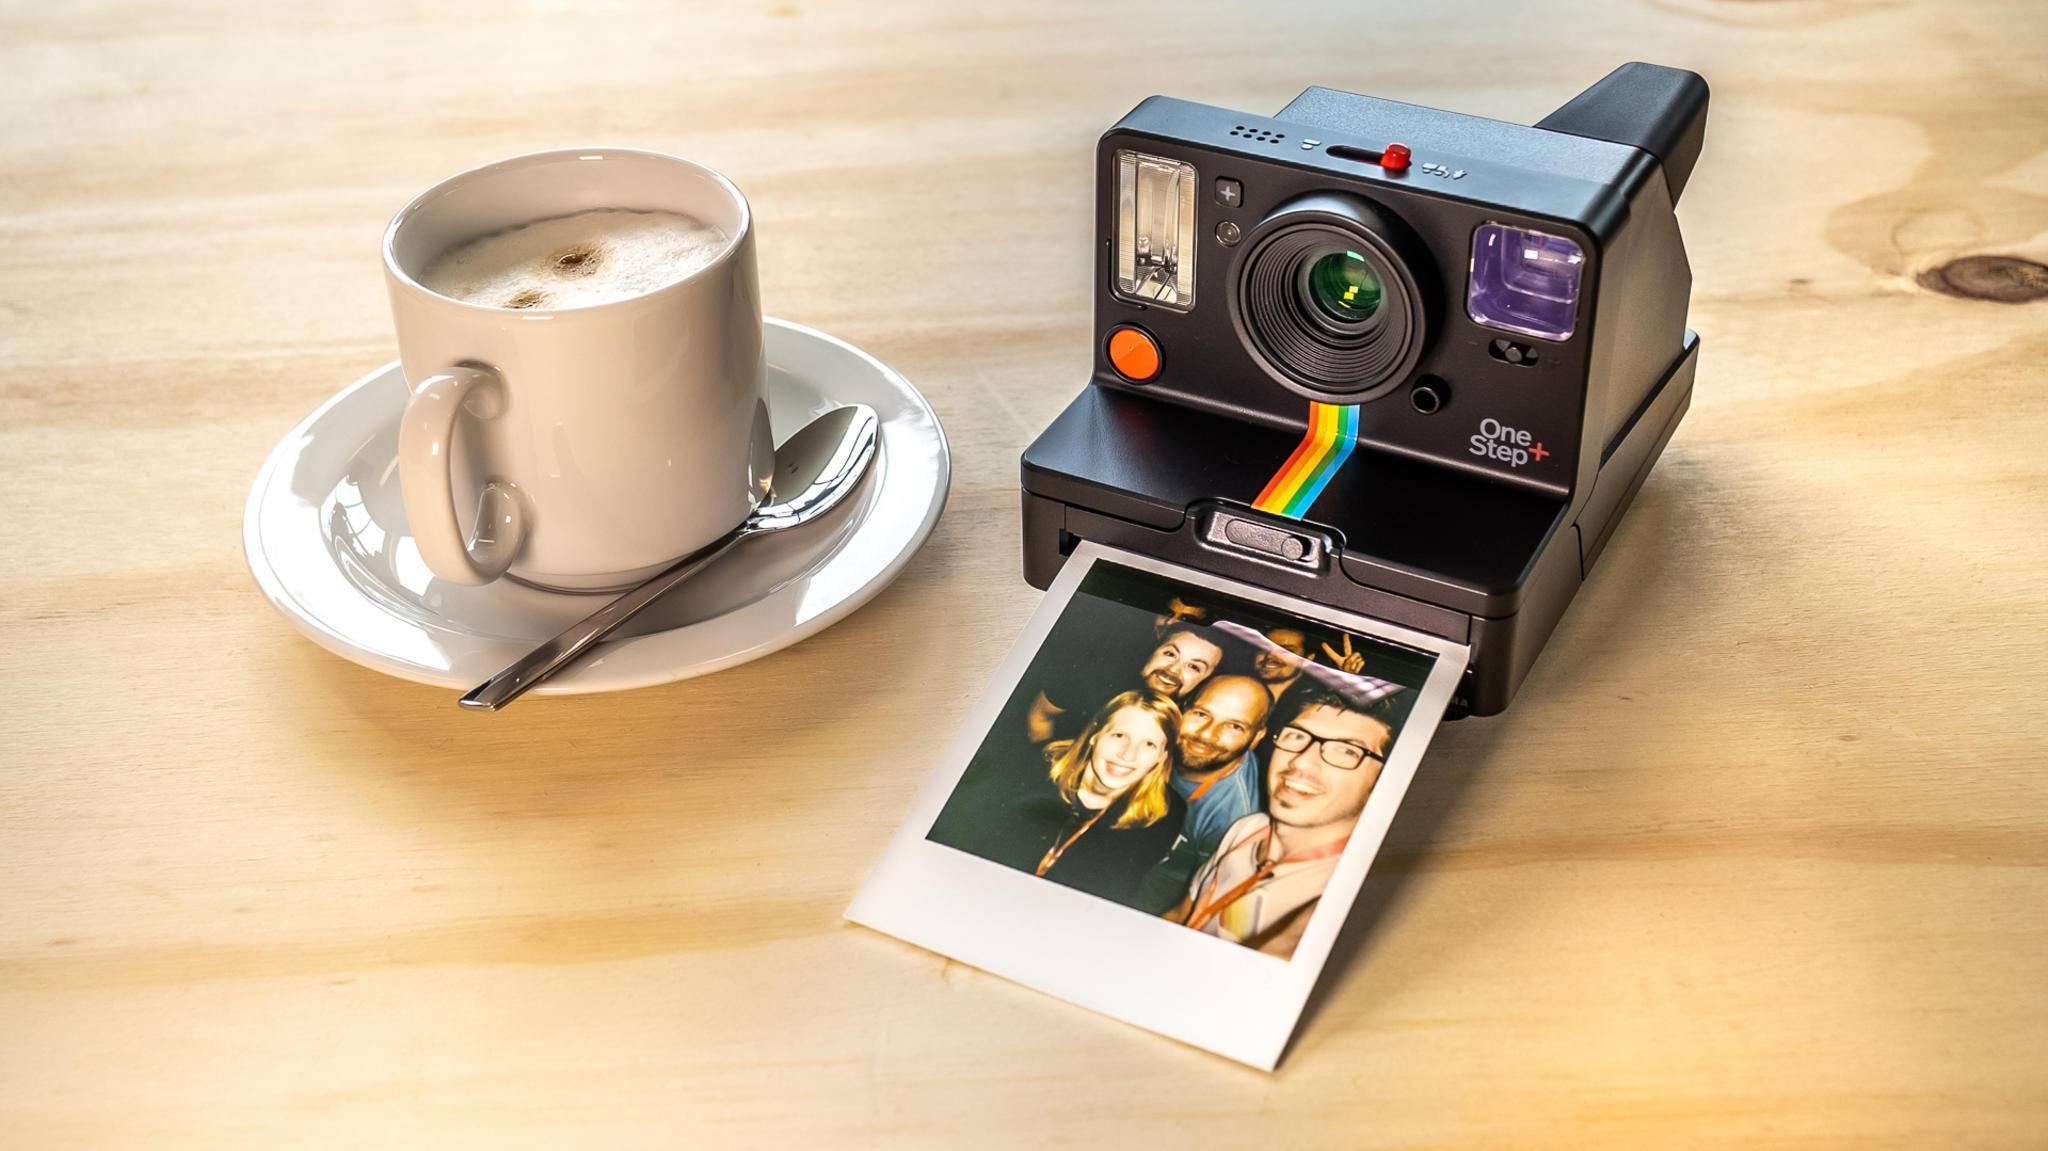 Sofortbildkameras wie die Polaroid OneStep+ sind wieder in Mode.